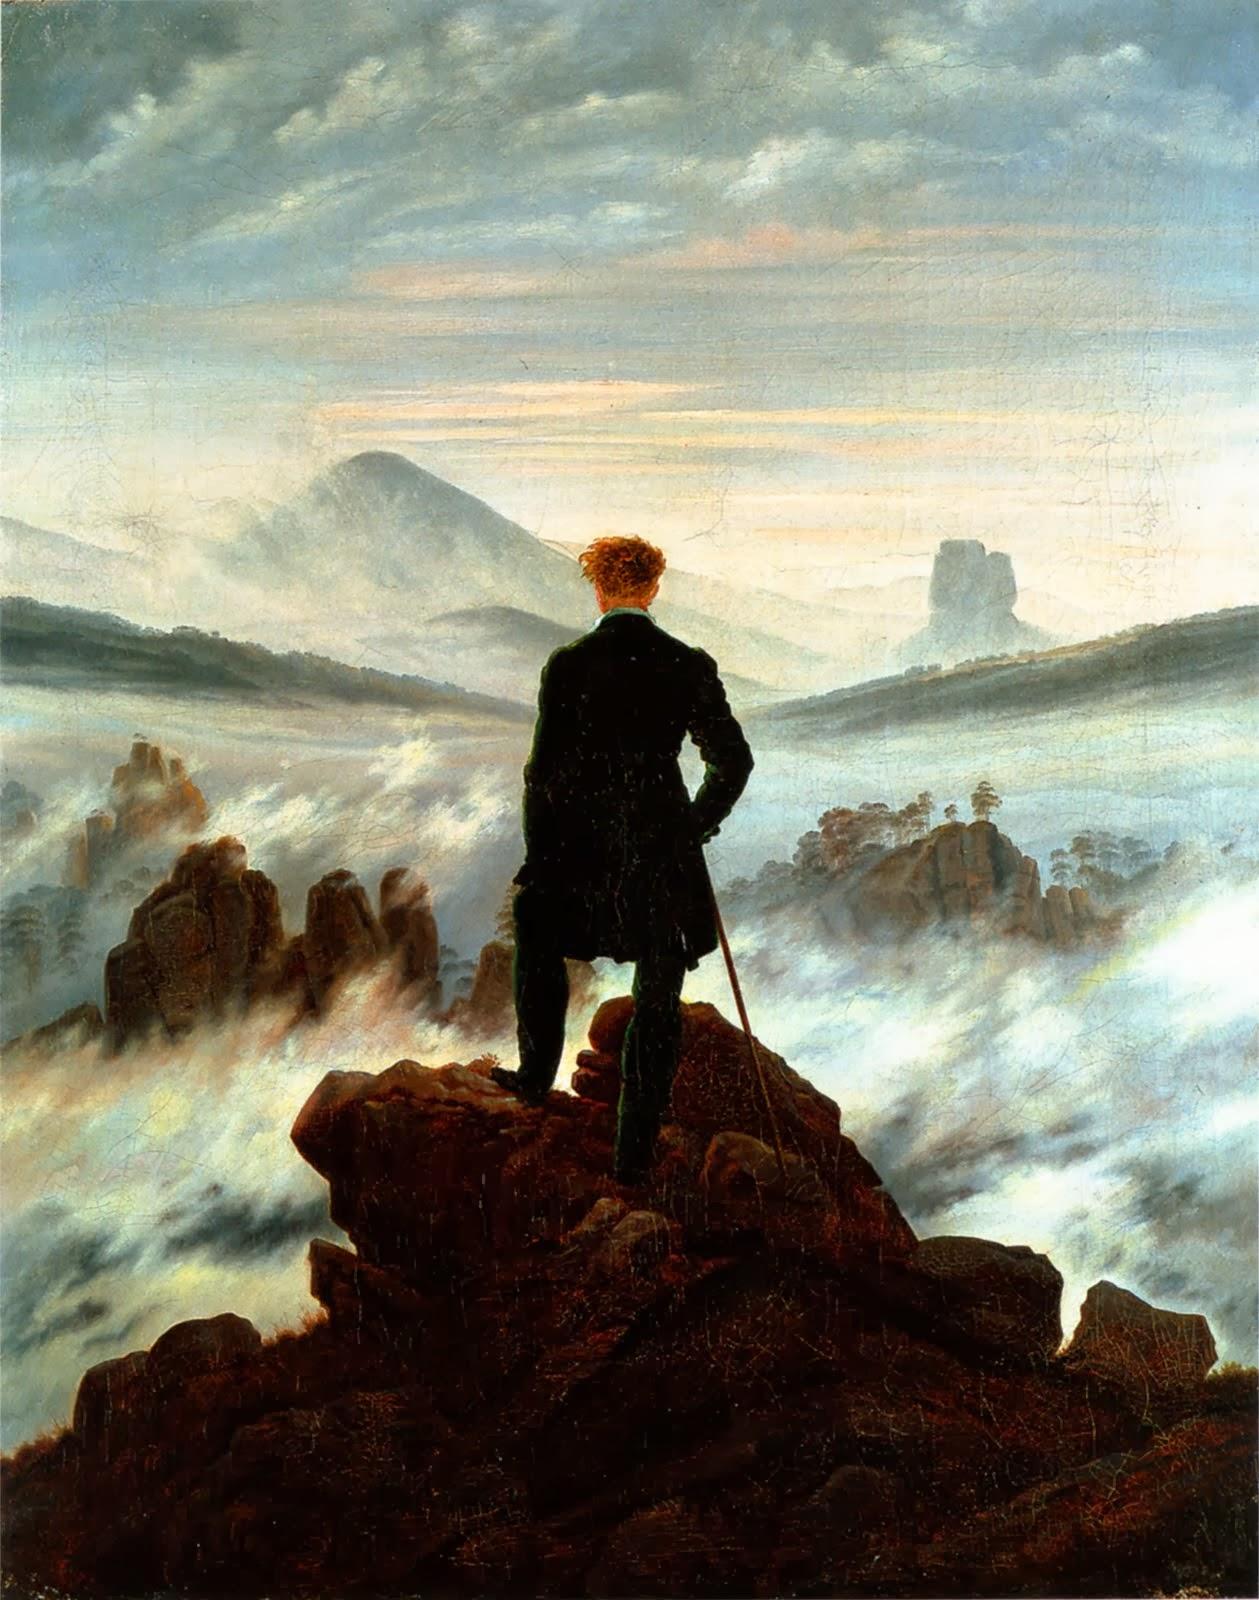 Llega más lejos con el pensamiento. (En la imagen: Caspar David Friedrich, El viajero ante un mar de nubes, 1818)